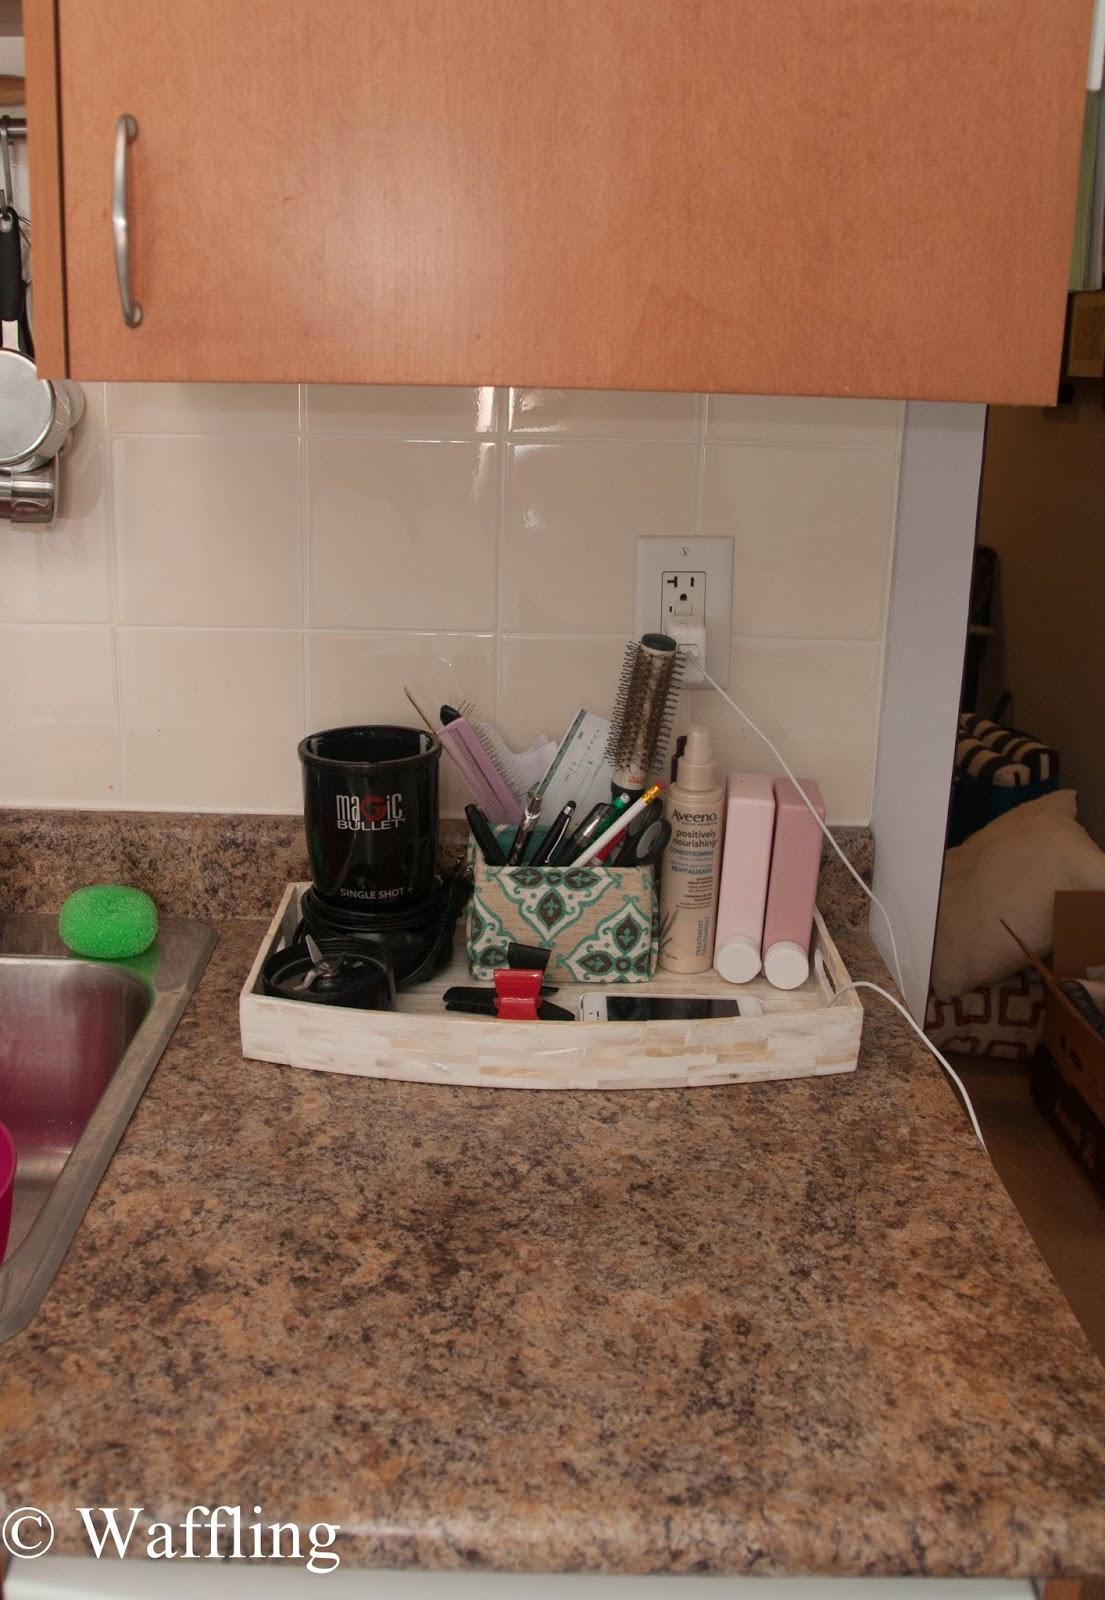 Kitchen Counter Organization Waffling Kitchen Counter Organization